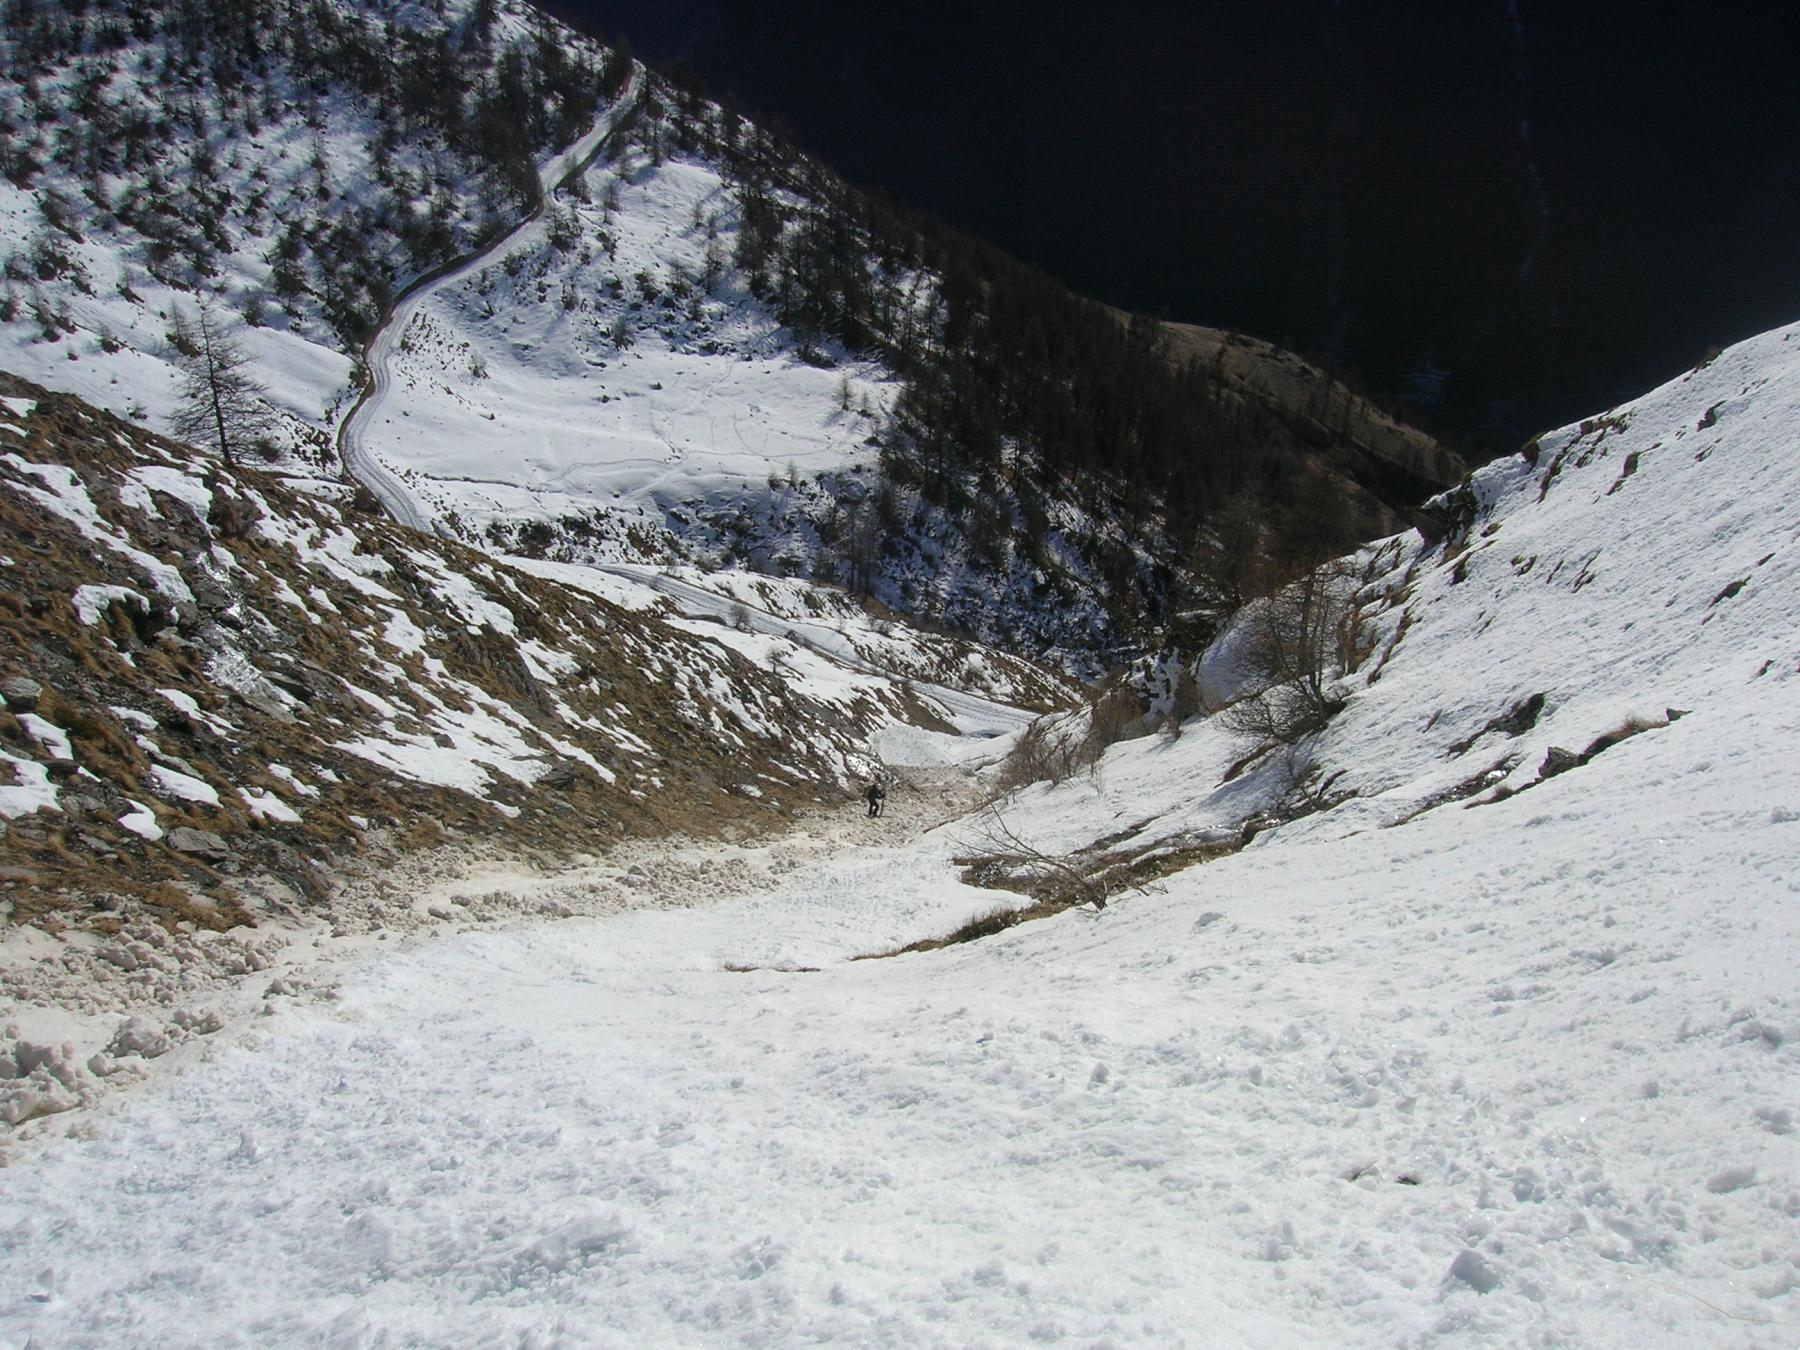 Il canale svalangato al termine della parete